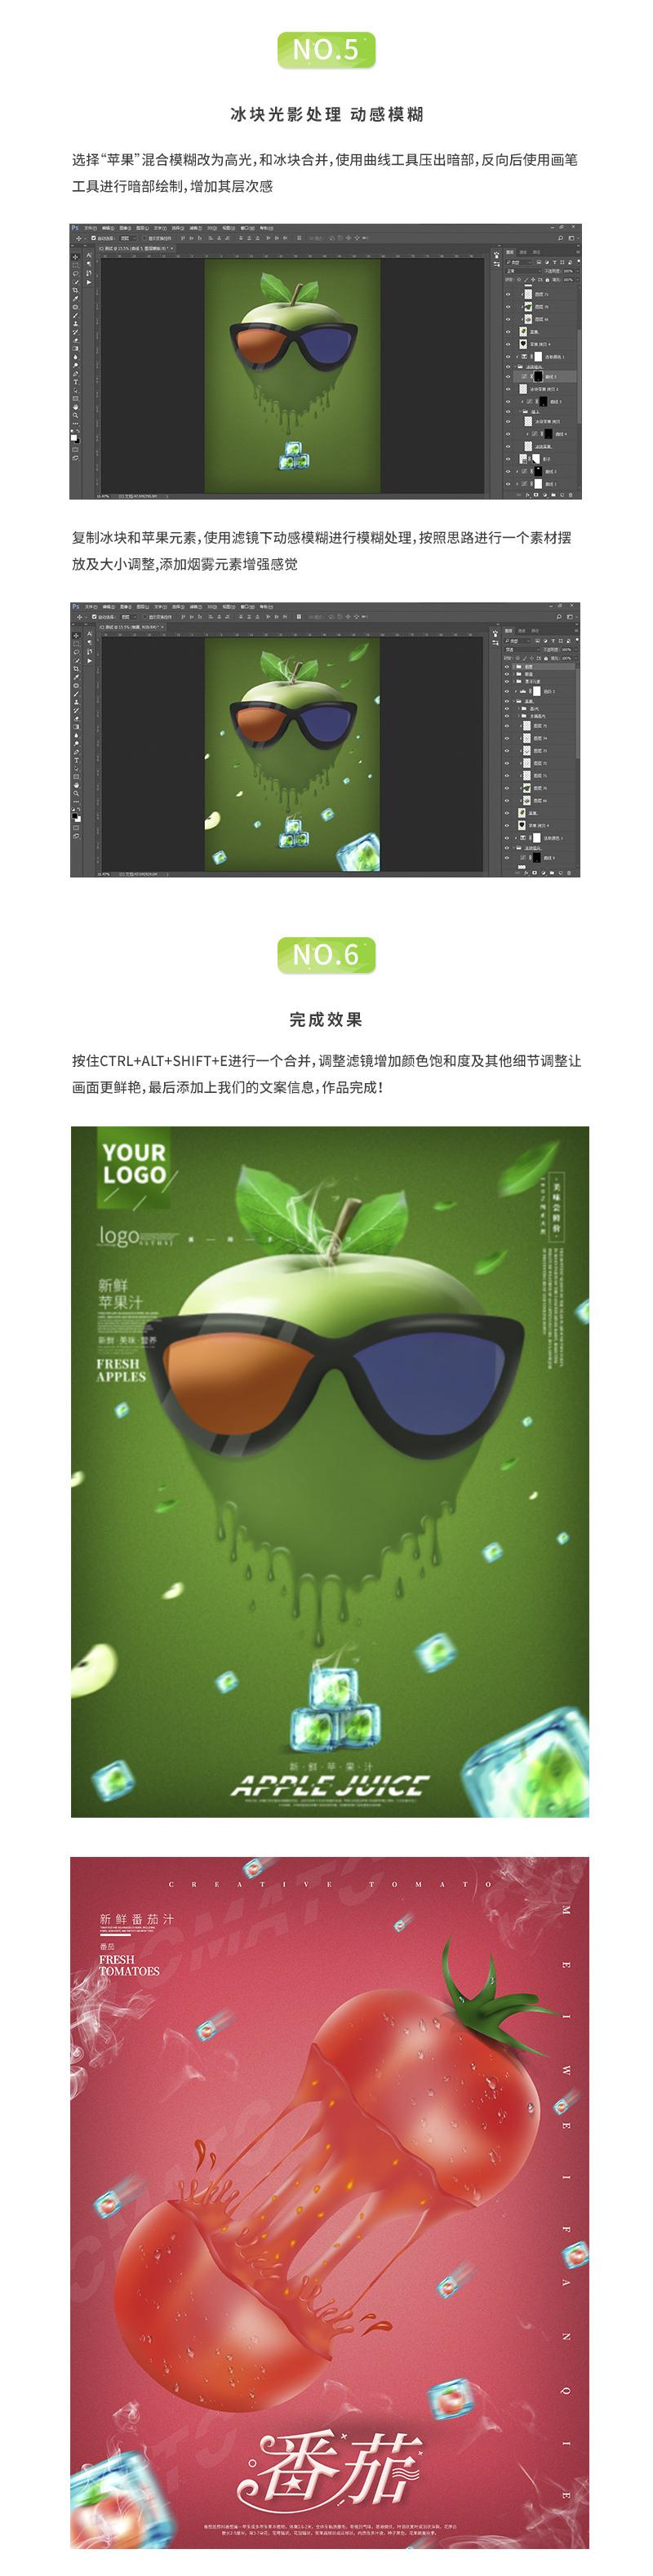 創意夏日蘋果水果合成海報(圖文教程)_04